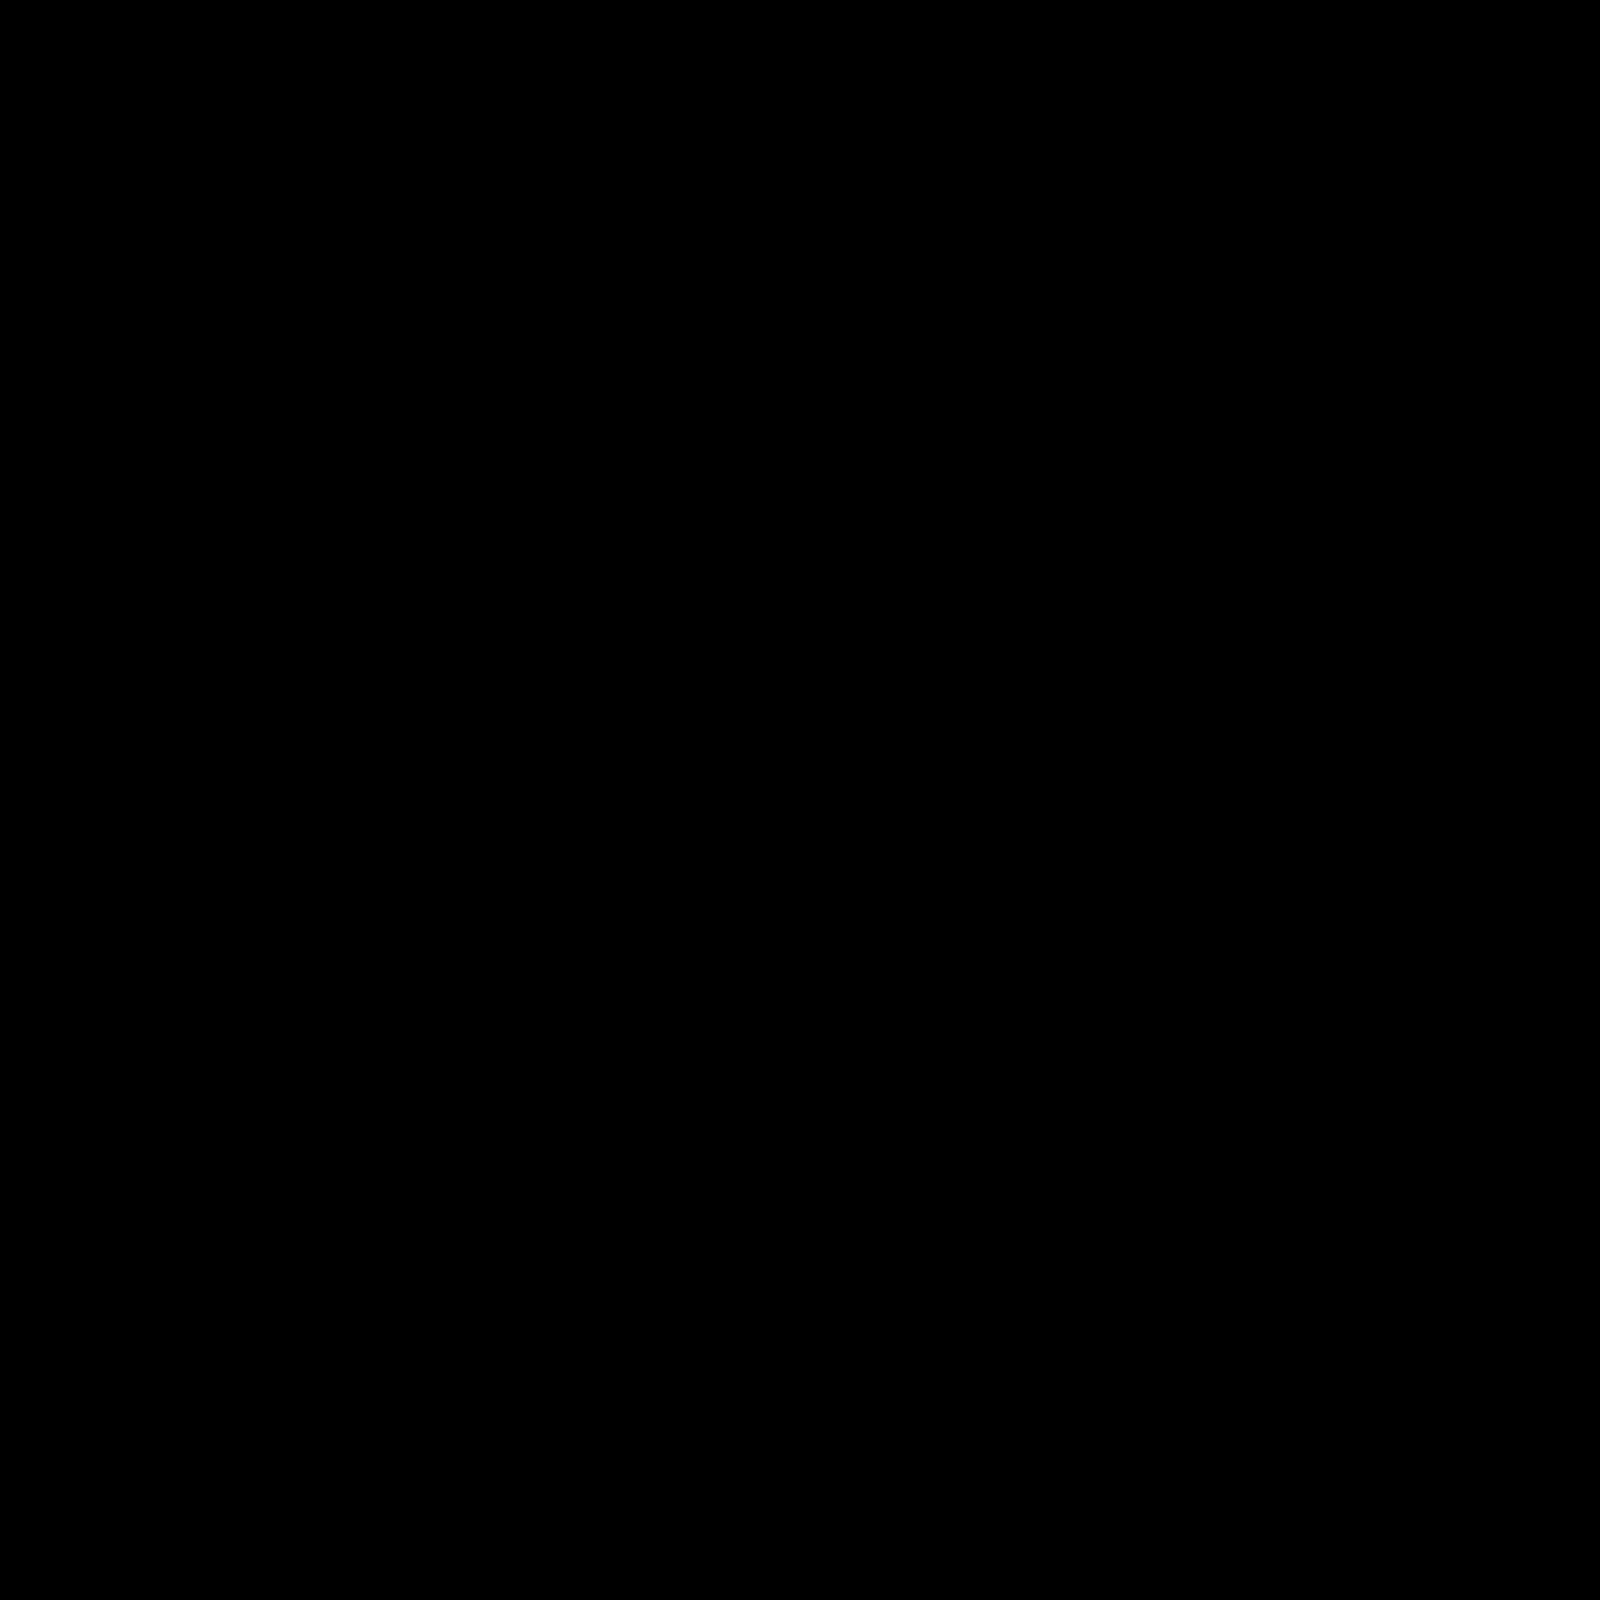 Suono Surround icon